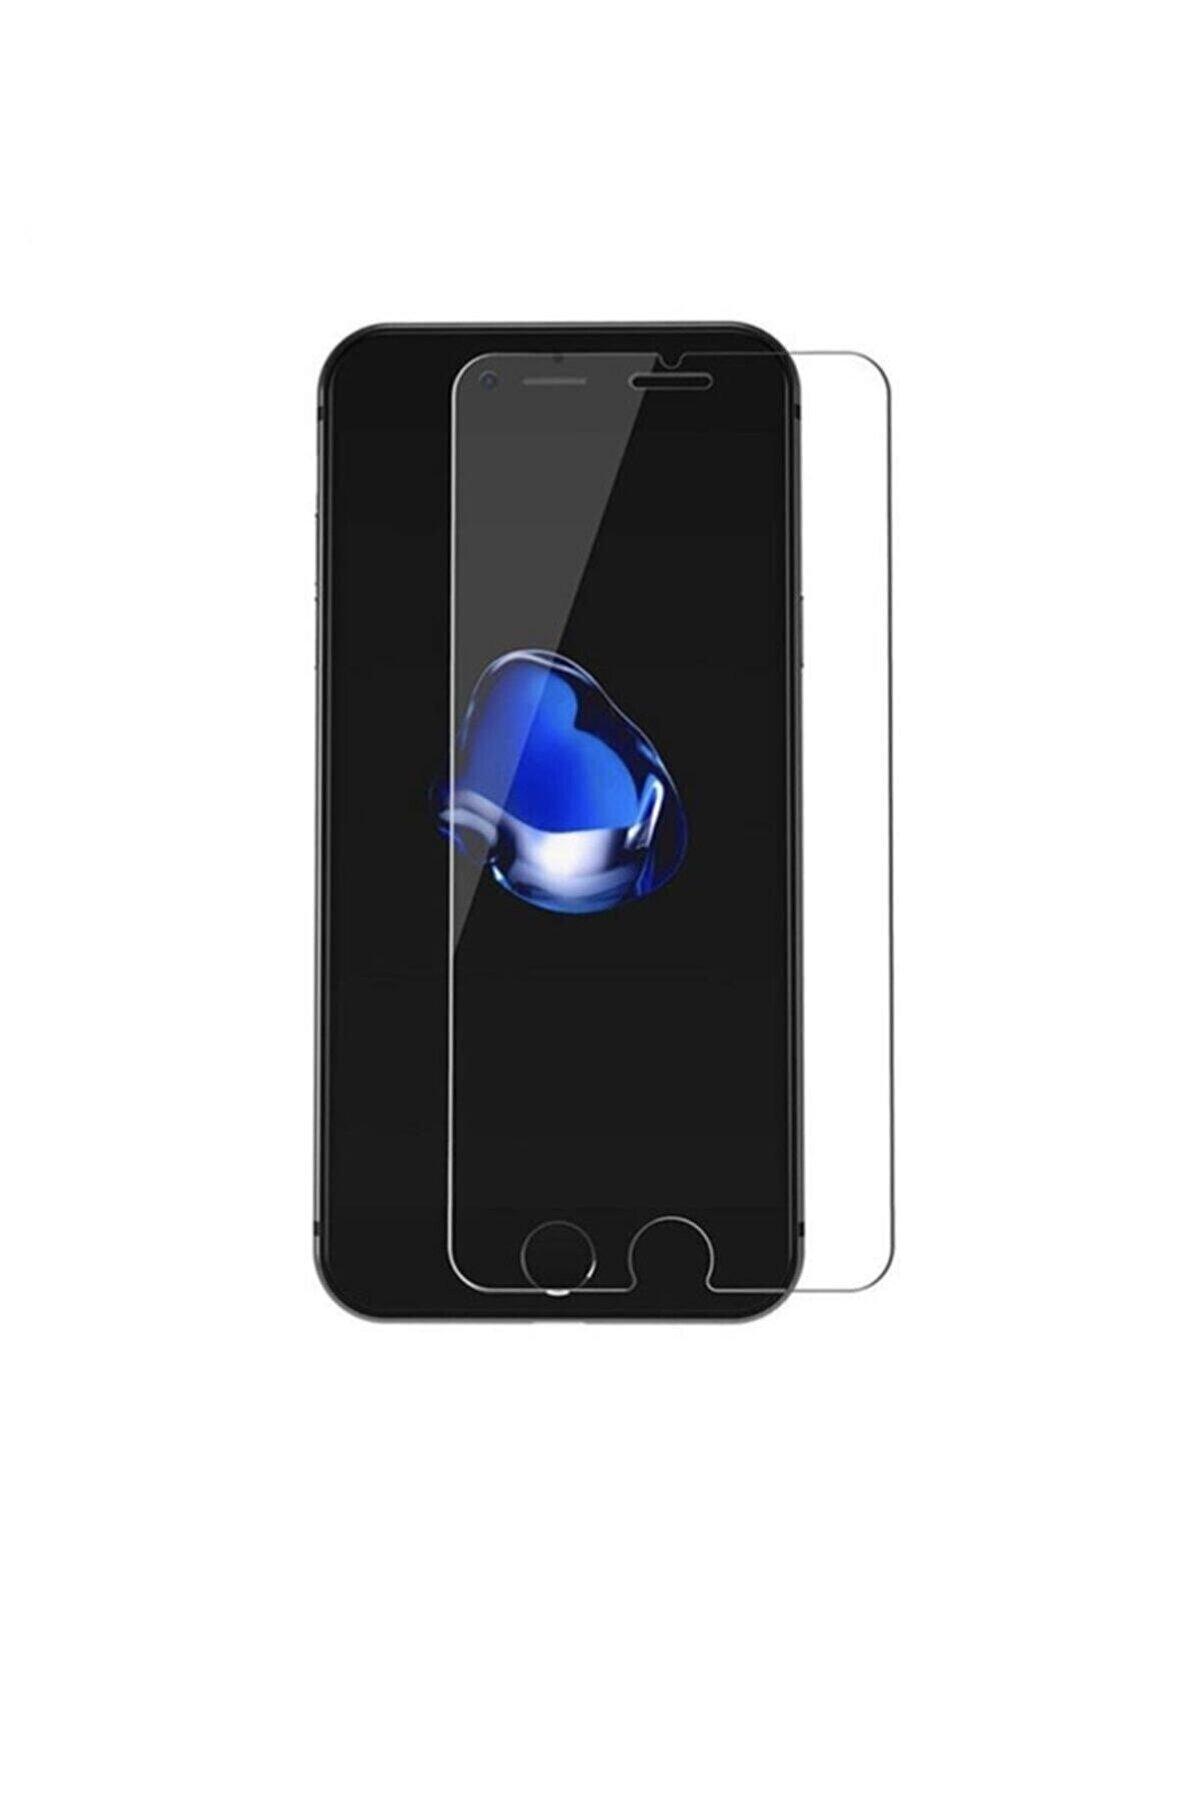 Syrox Iphone 7/8/se 2020 Uyumlu Kırılmaz Ekran Koruyucu Cam